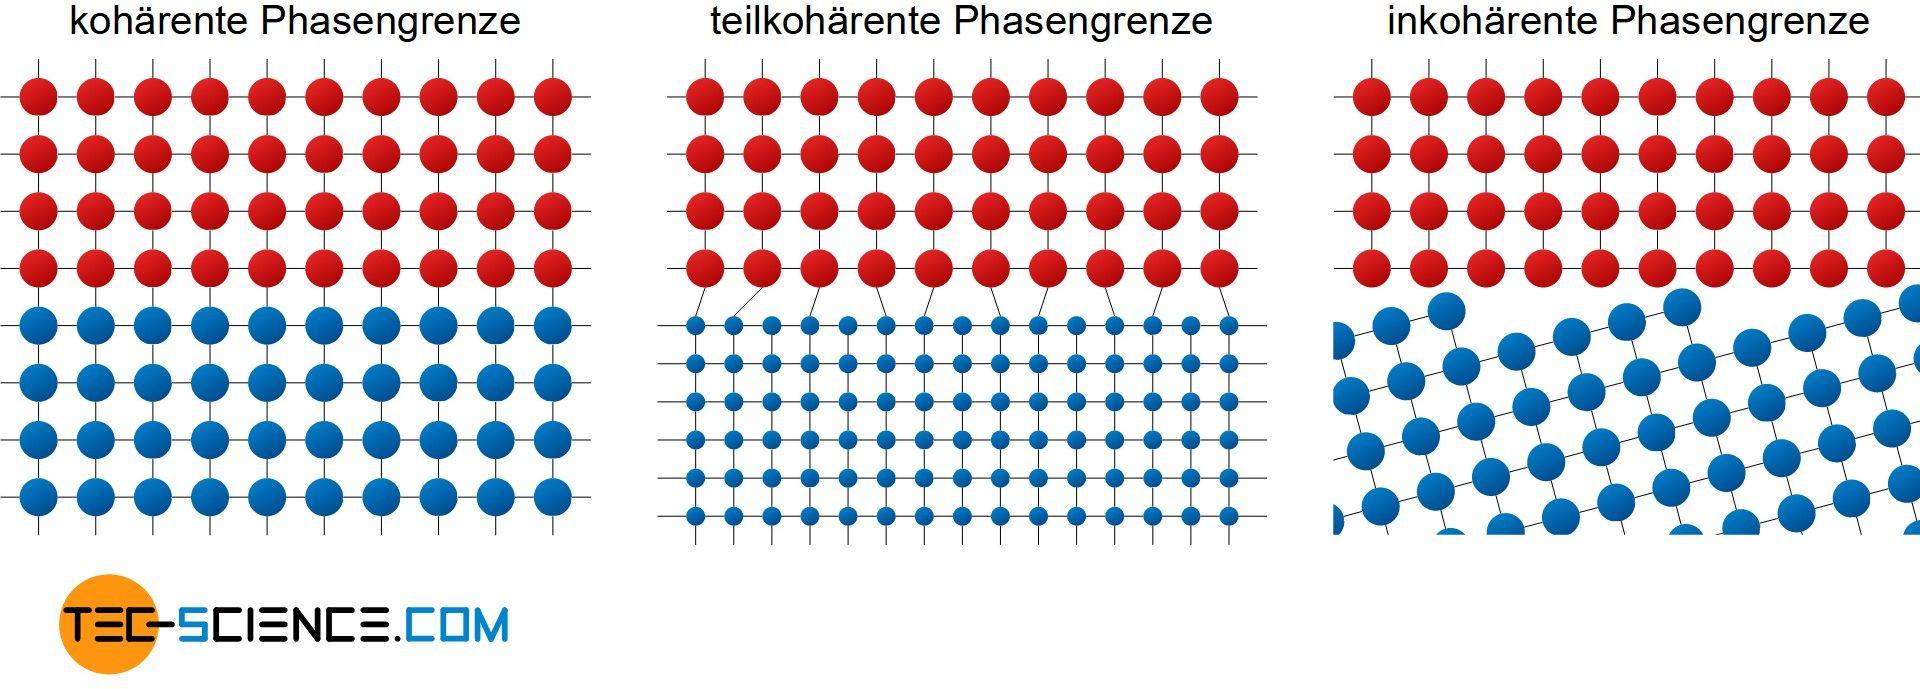 Arten von Phasengrenzen (kohärente, teilkohärente, inkohärente Phasengrenze)